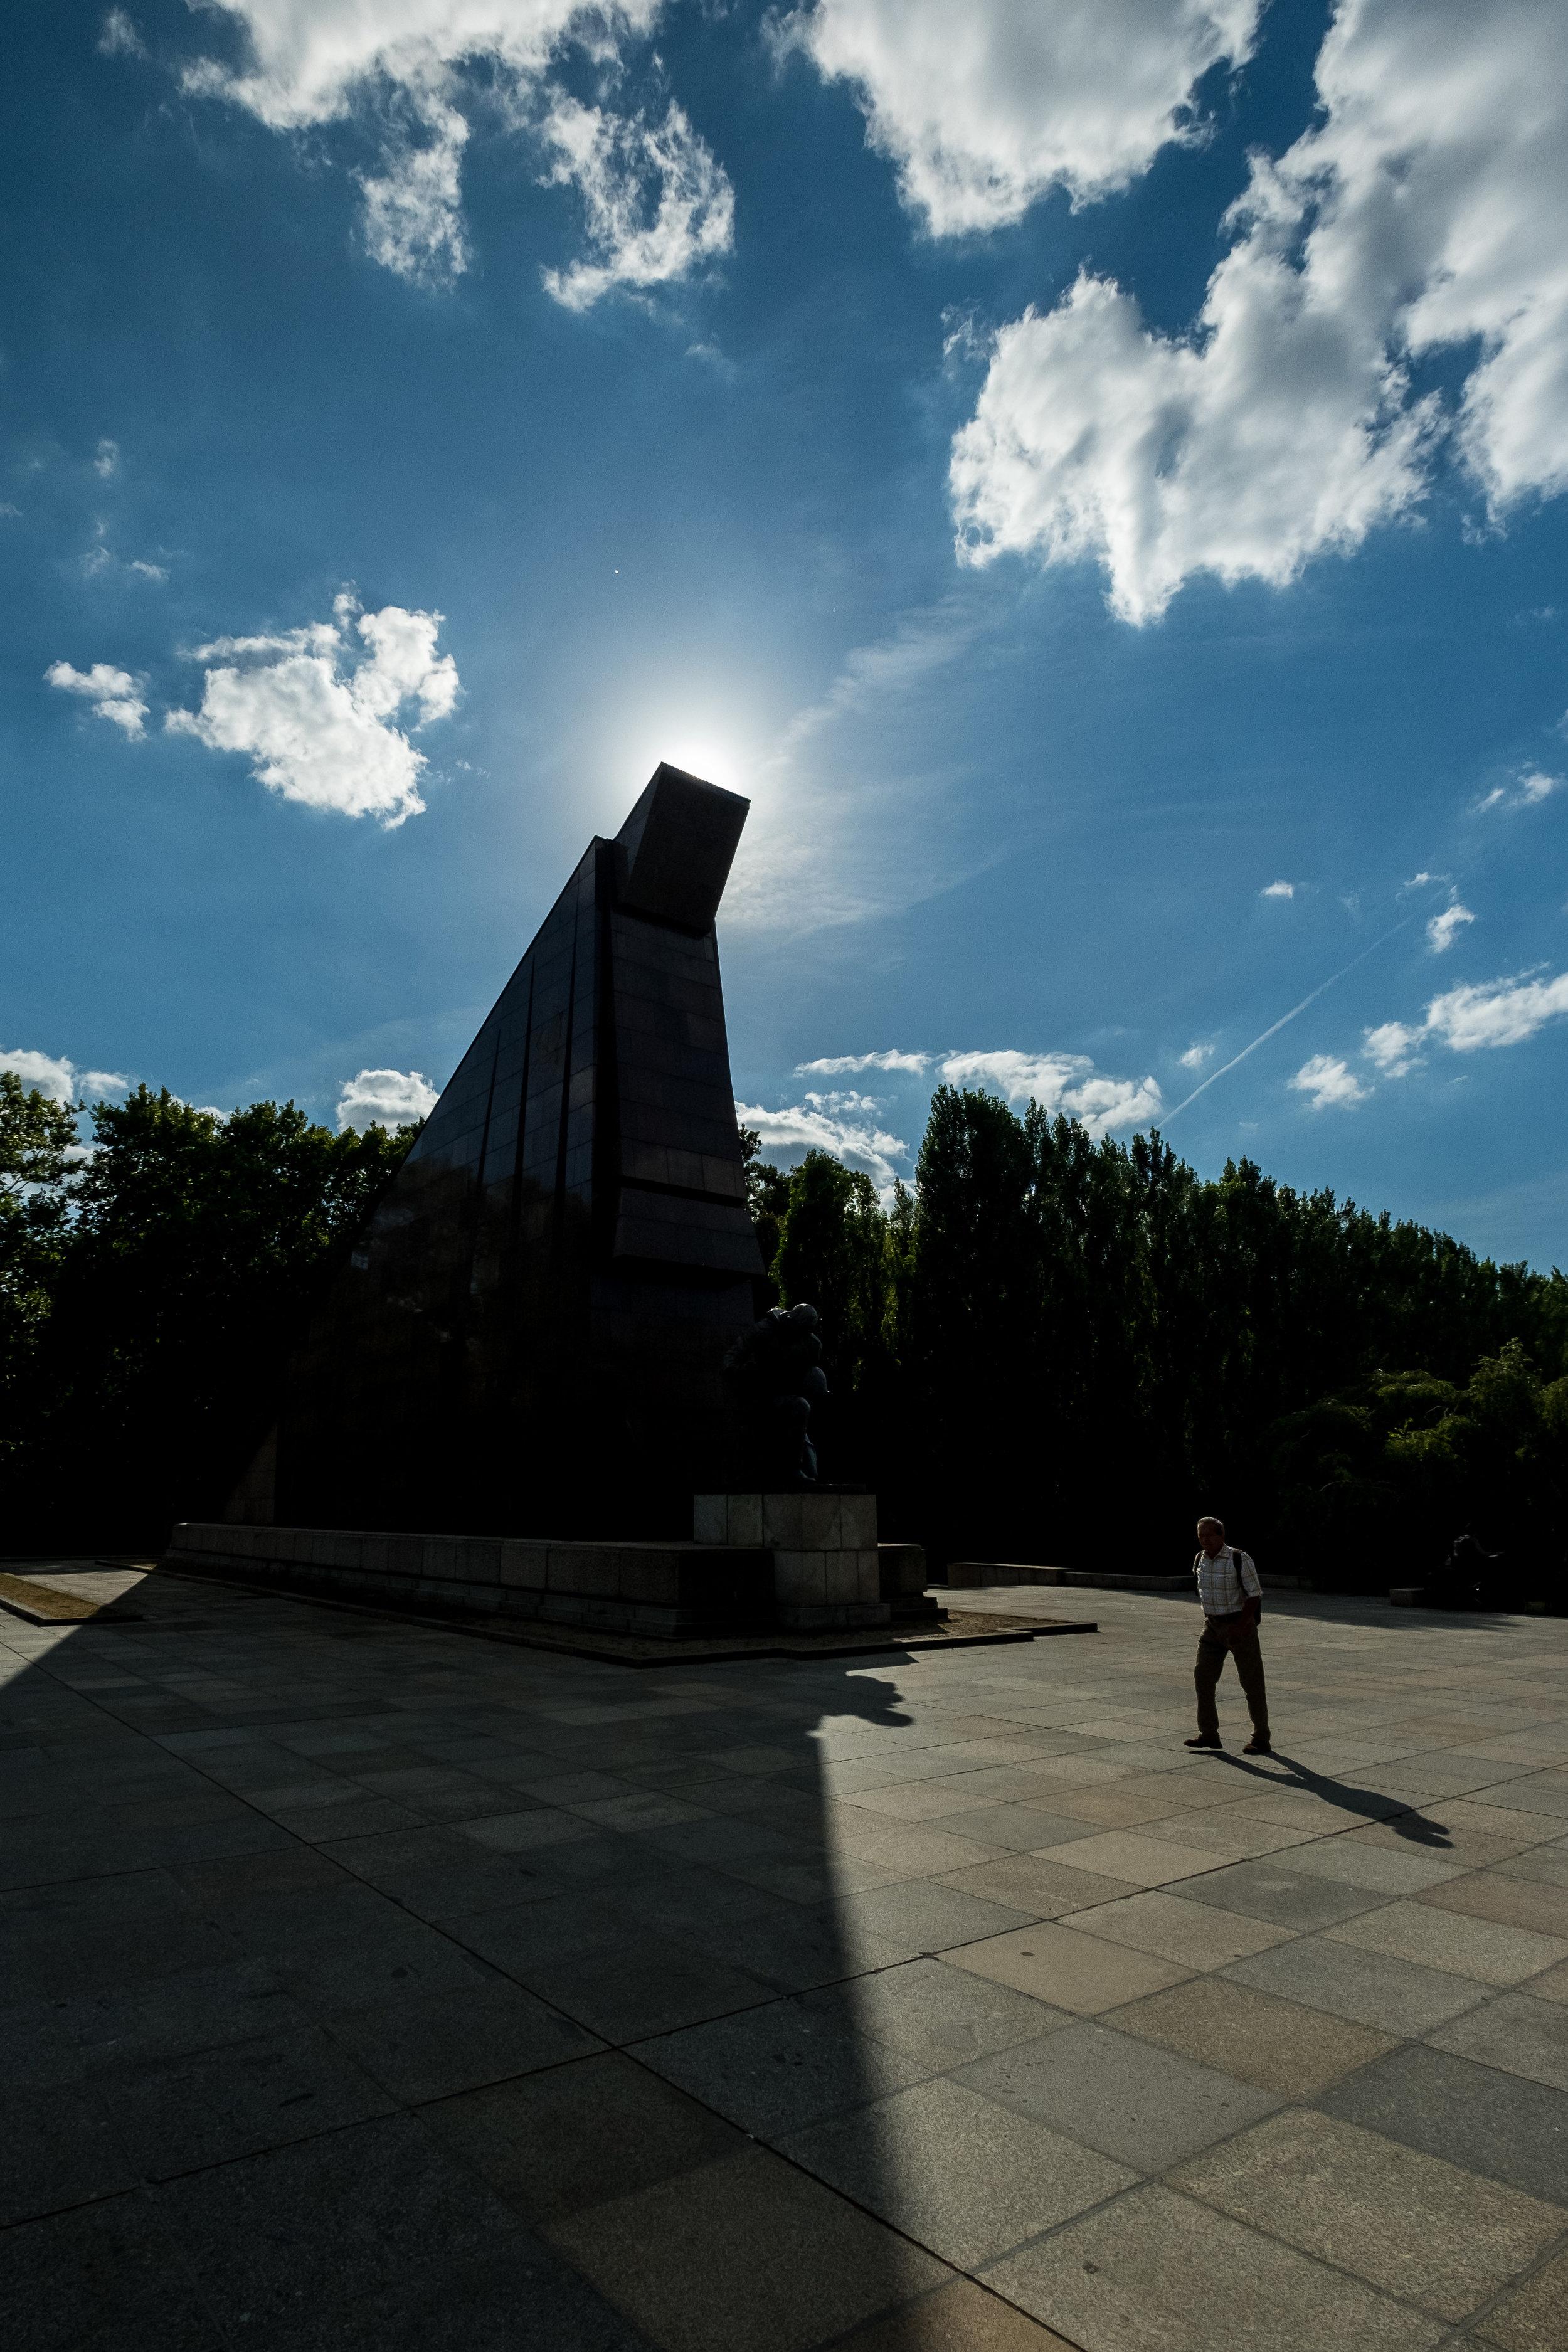 treptower-park-memorial-size-comparison